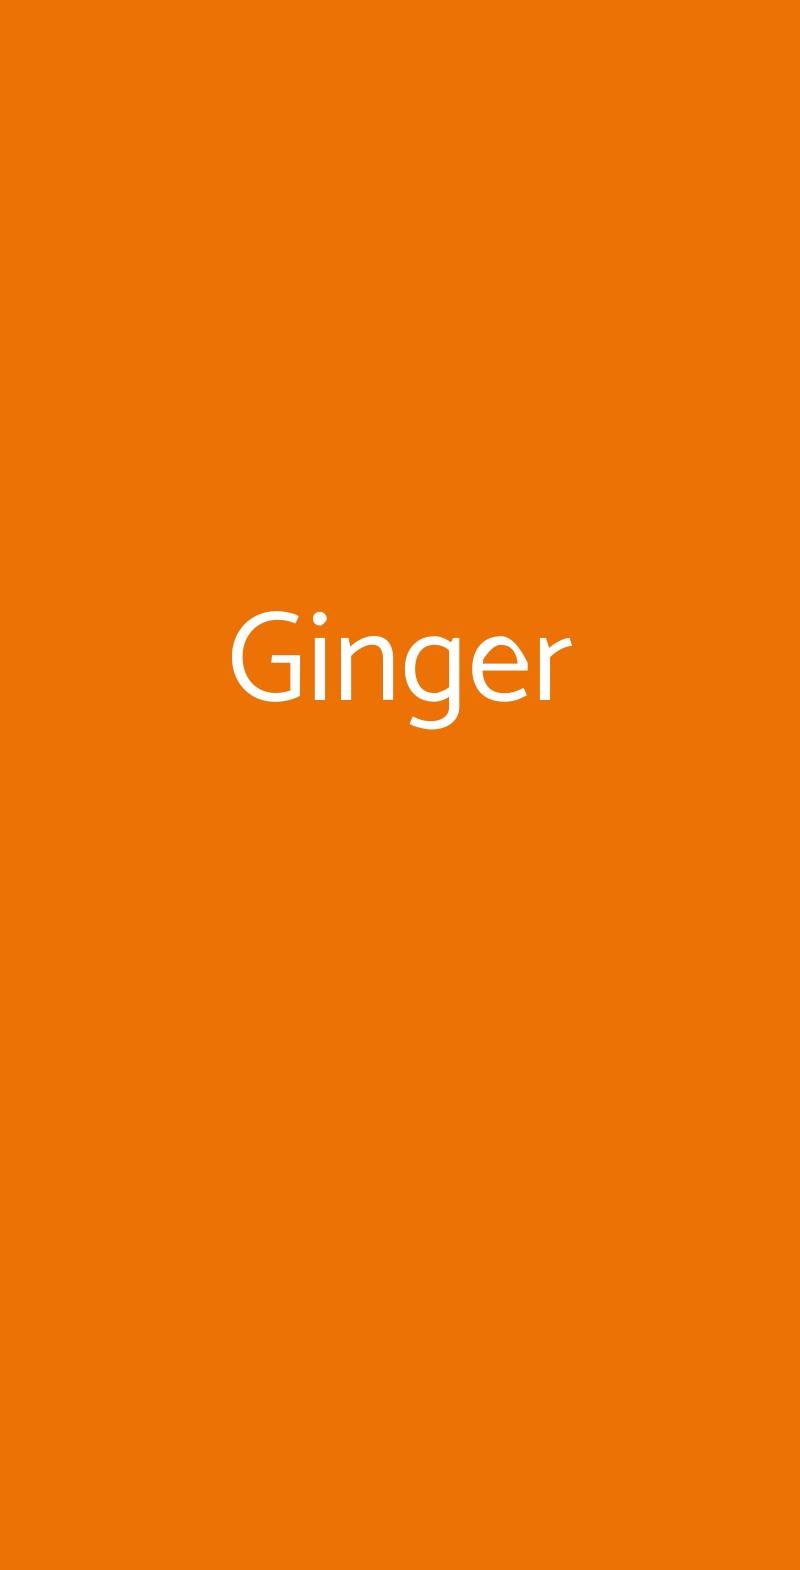 Ginger Modena menù 1 pagina